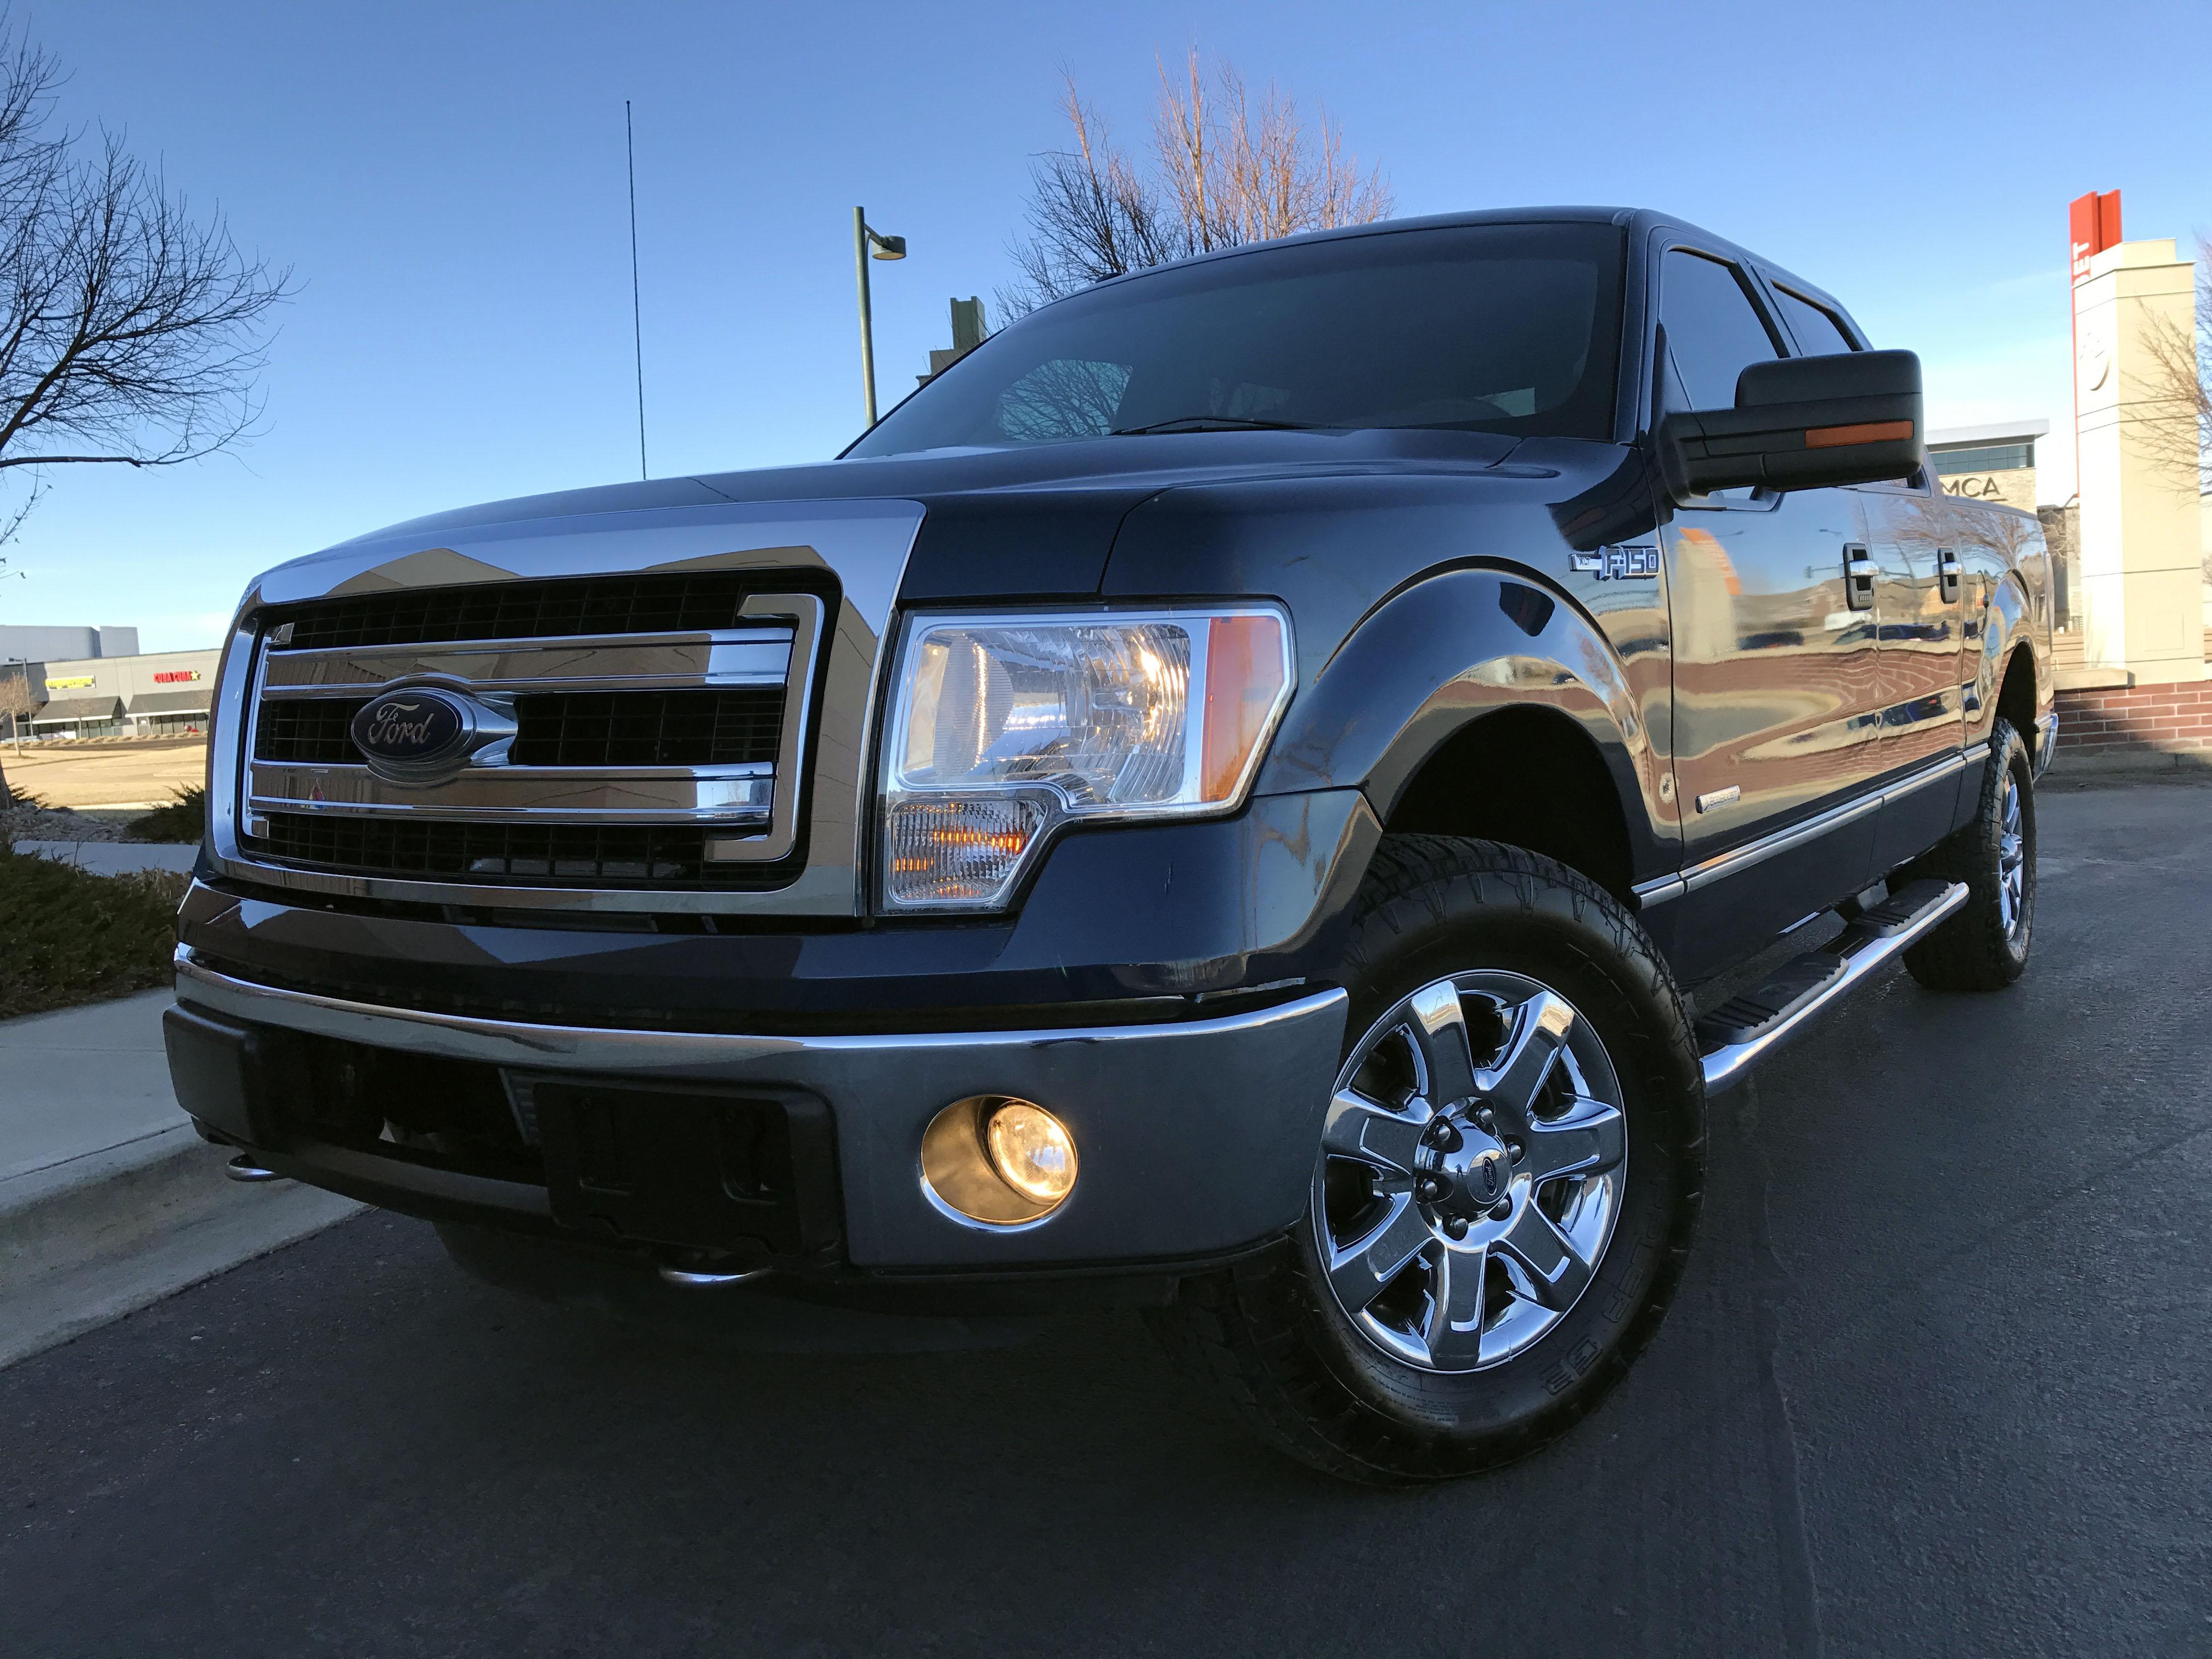 2013 ford f 150 xlt 67k super crew cab 4x4 mint pickup - 2013 ford f 150 interior accessories ...